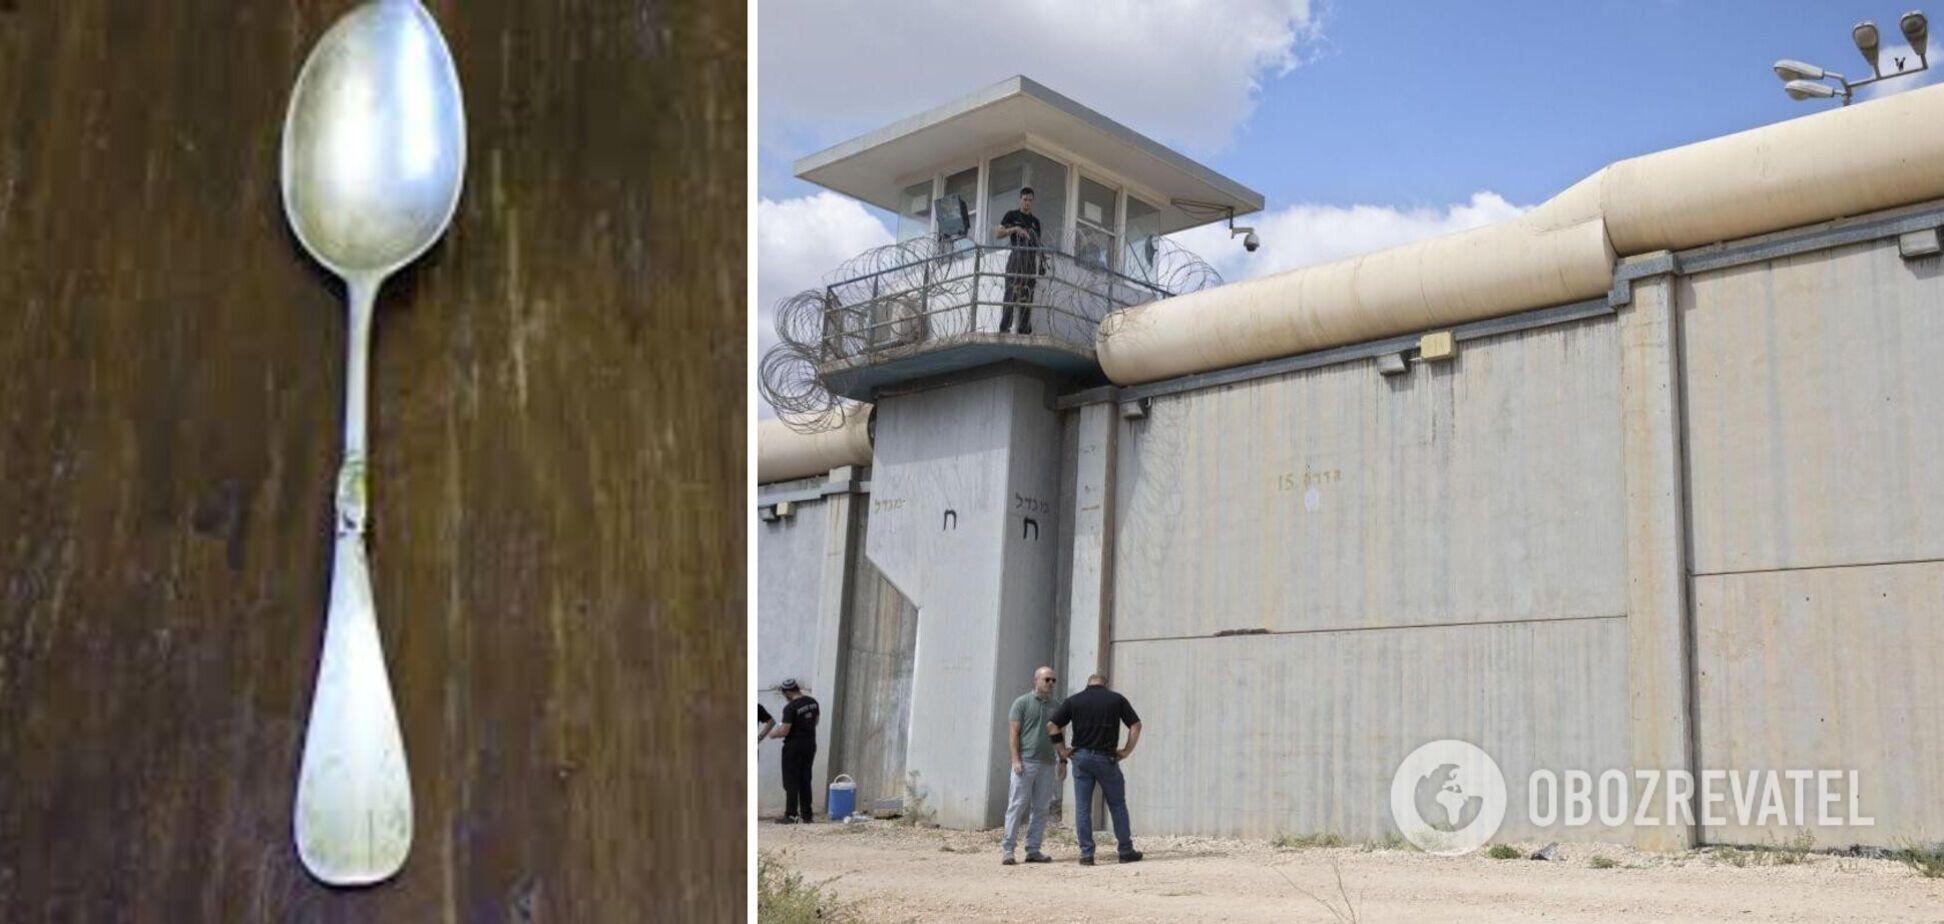 Вырыли тоннель ложкой: в Израиле задержали двух сбежавших из тюрьмы преступников